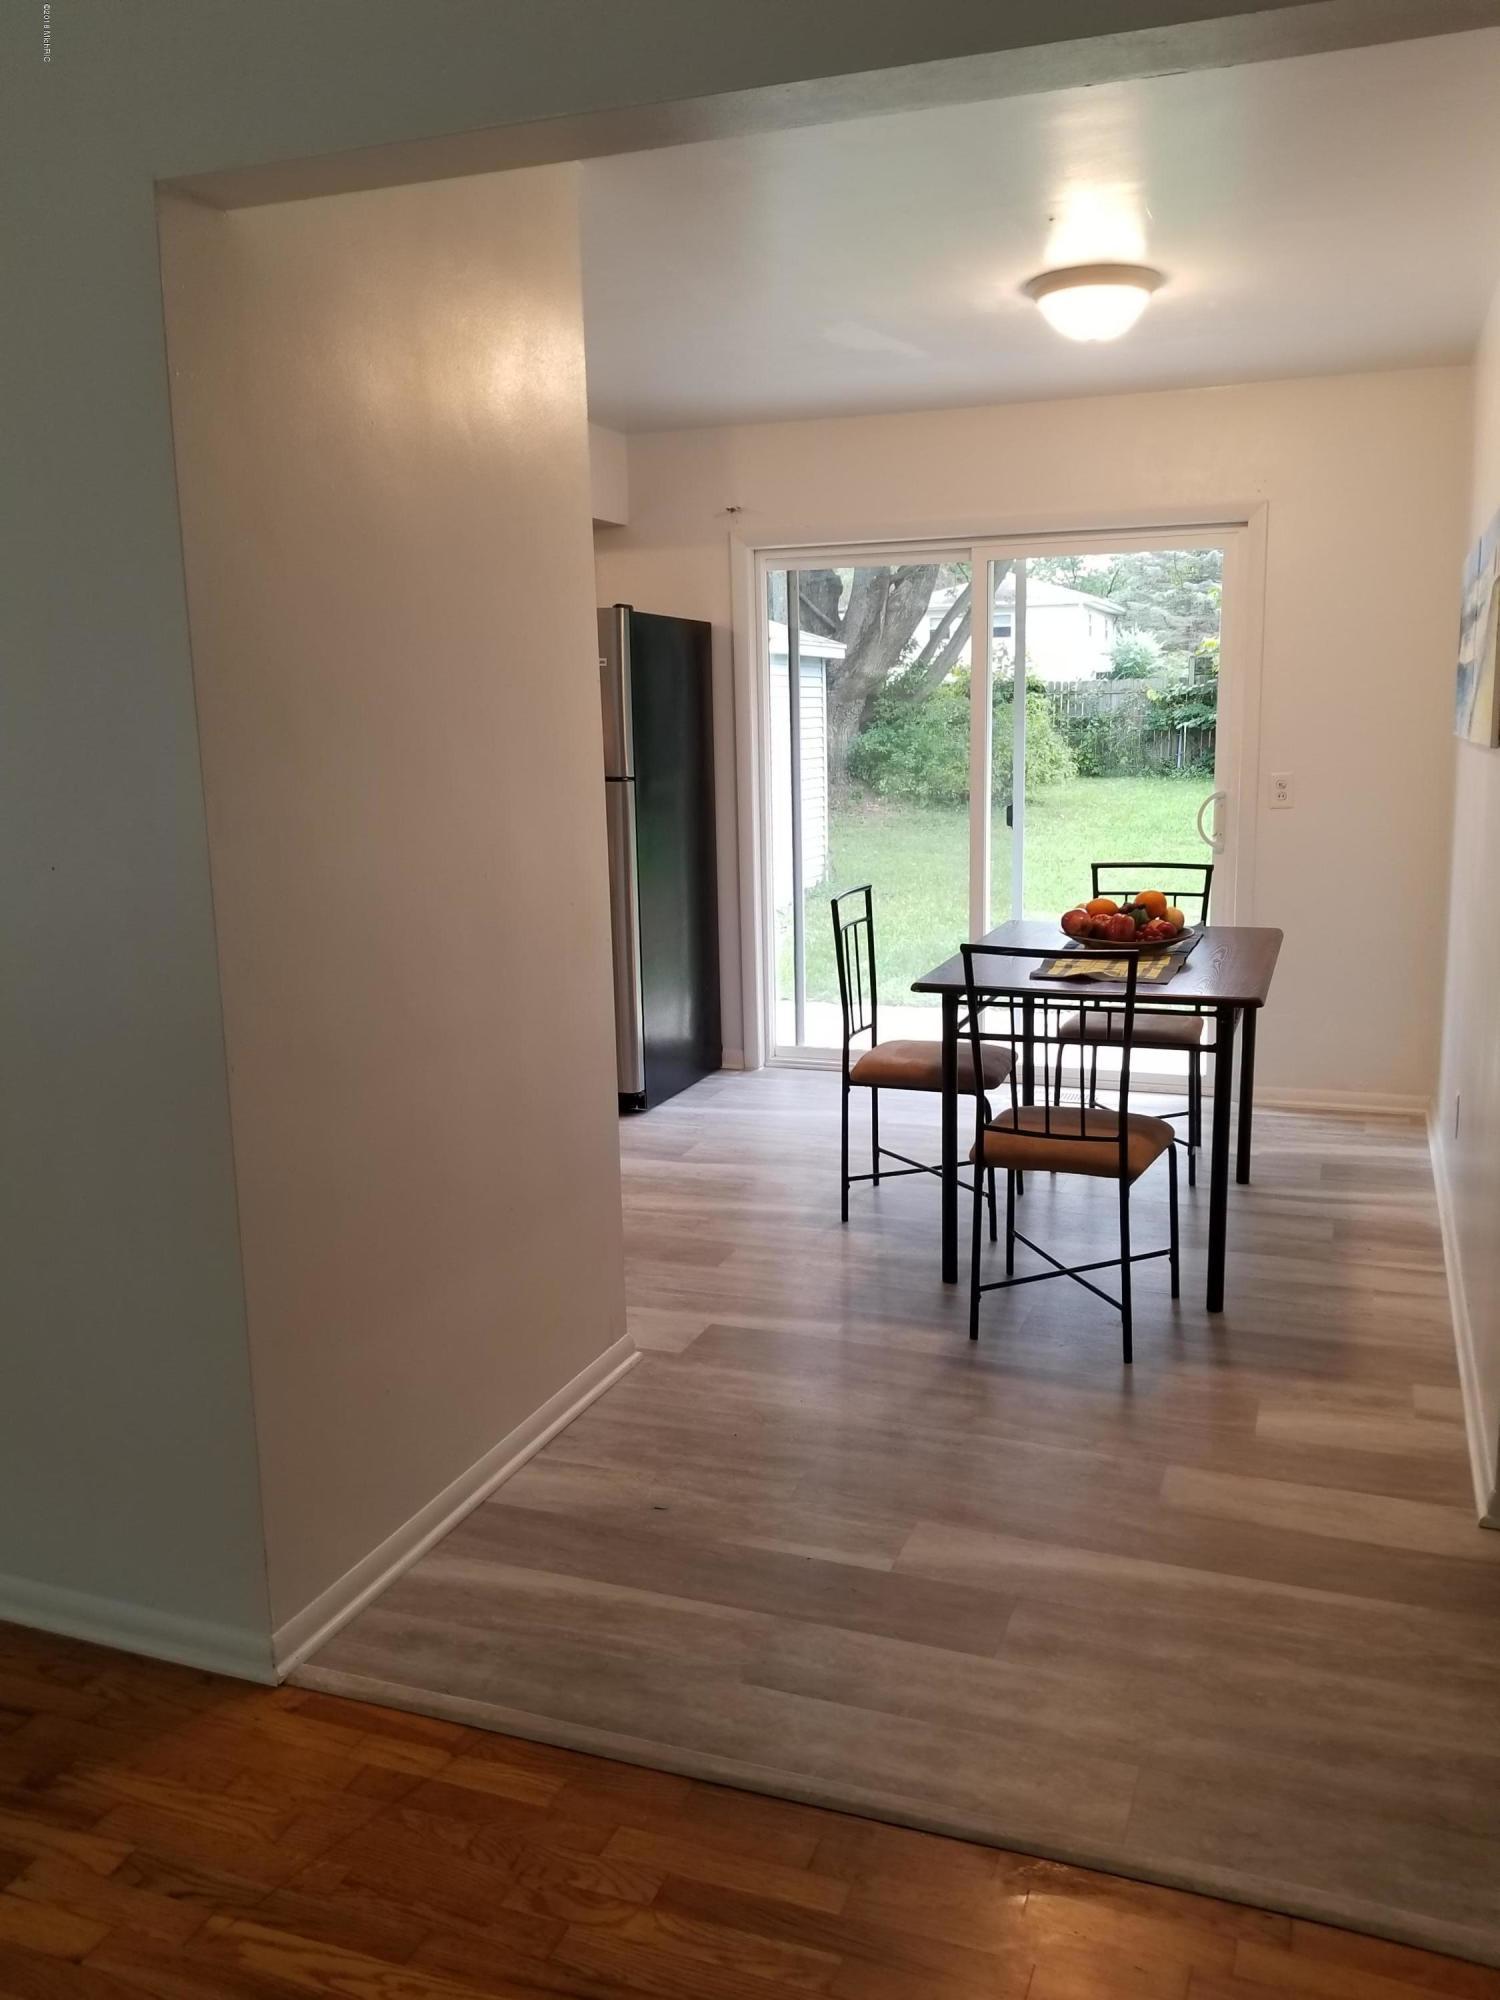 hardwood floor installation kalamazoo of 2508 cumberland street kalamazoo mi 49006 mls 18049244 inside 2508 cumberland street kalamazoo mi 49006